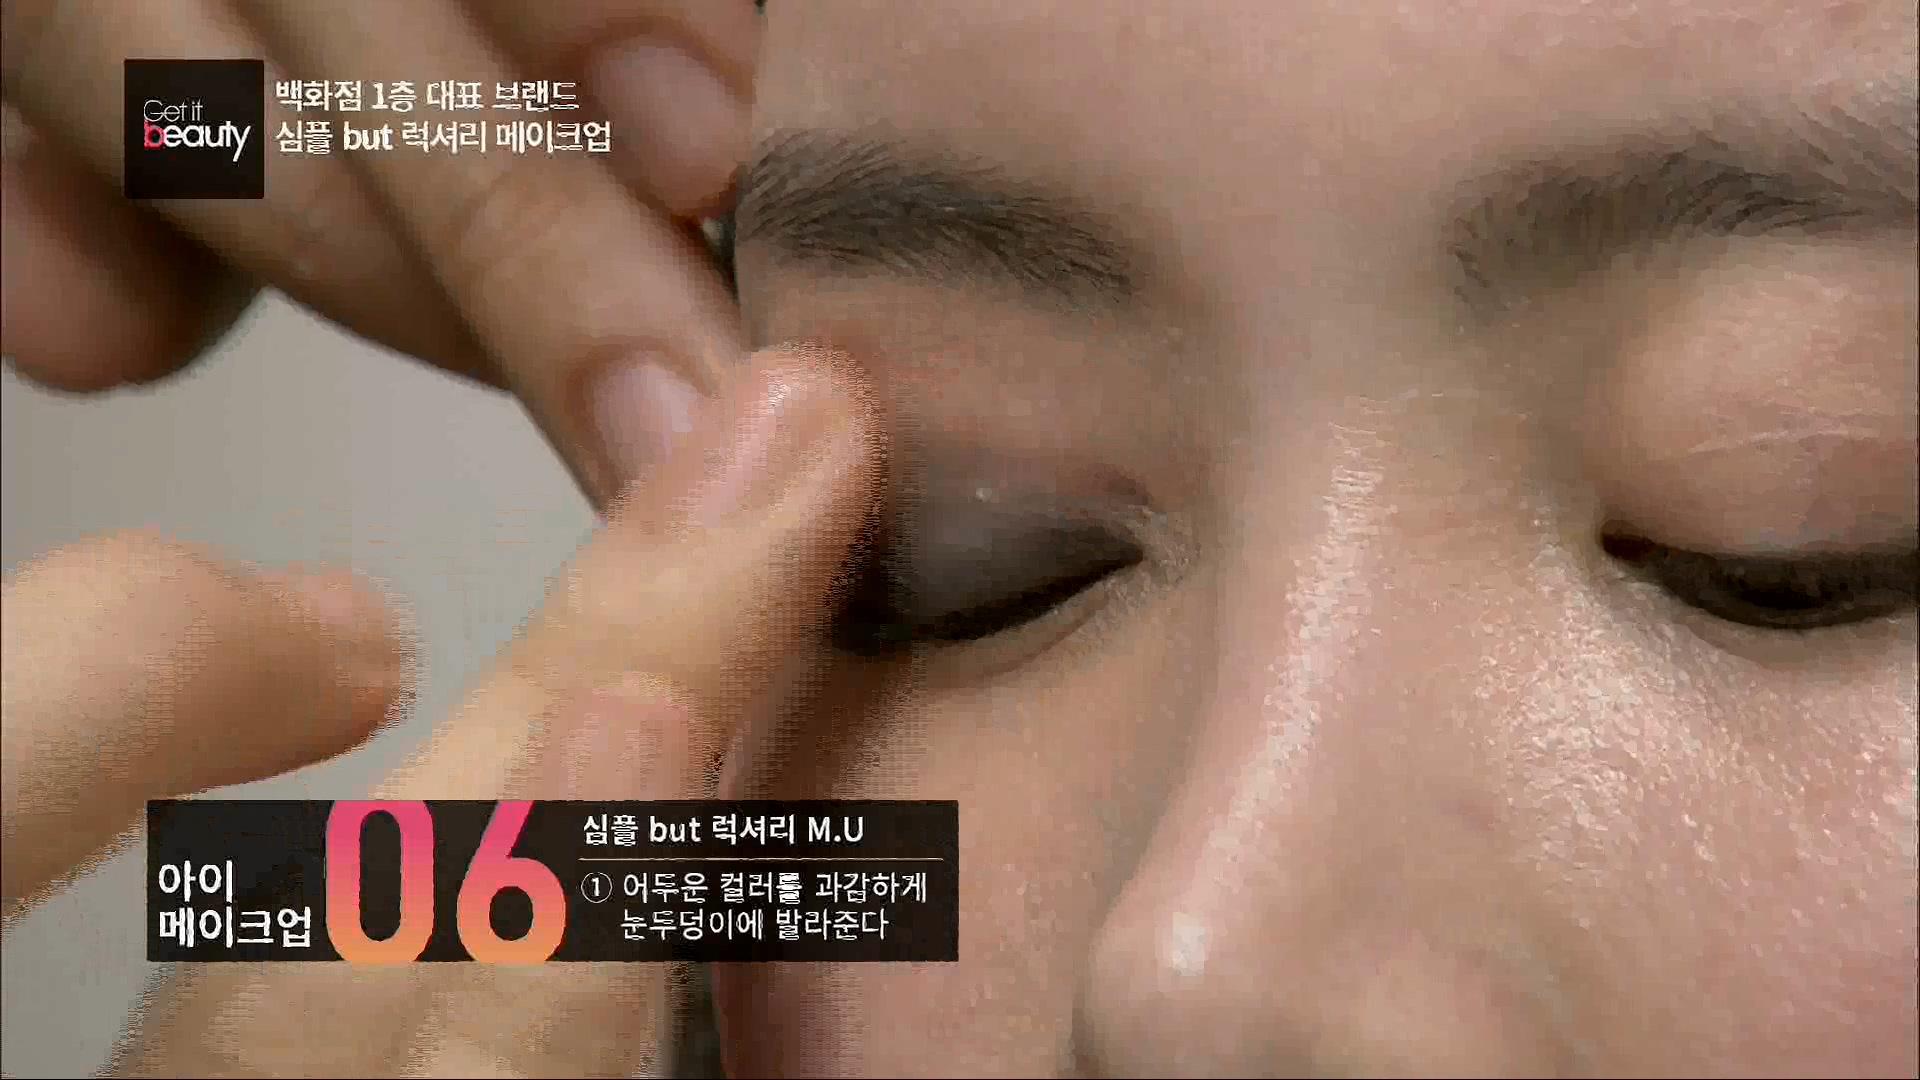 심플 but 럭셔리 m.u #아이 메이크업 01.어두운 컬러를 과감하게 눈두덩이에 발라준다